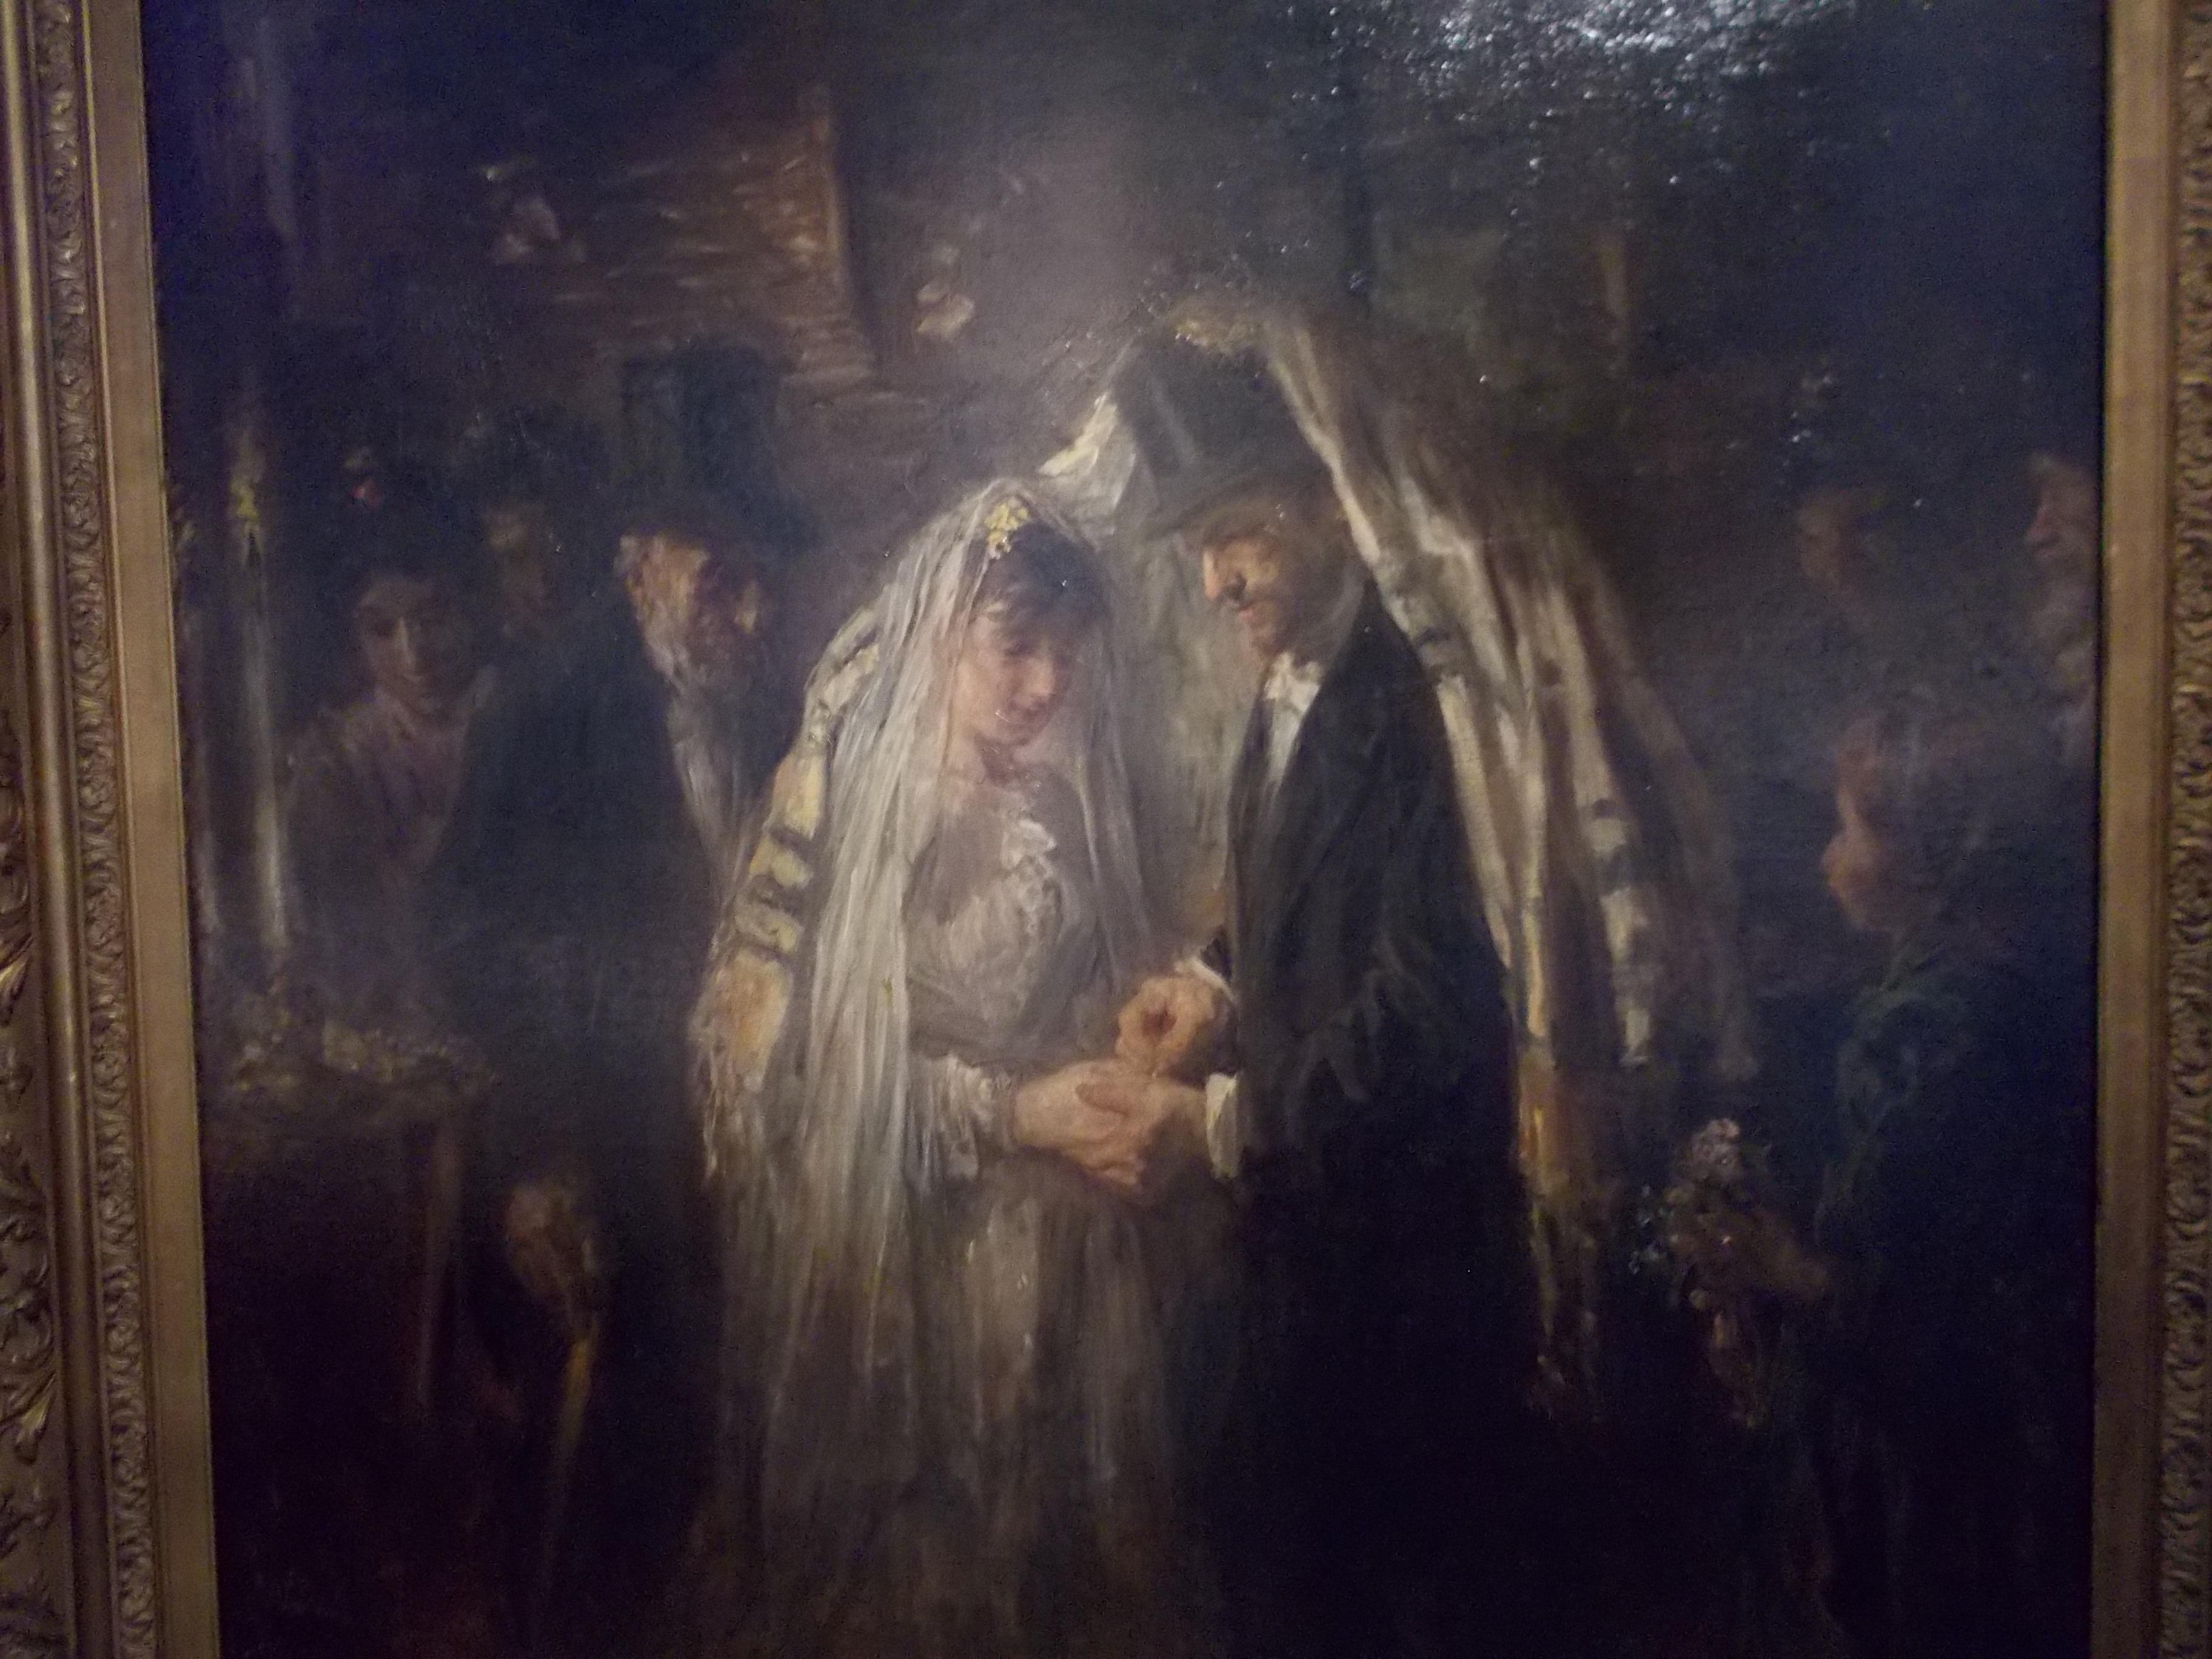 Mariage juif, Jozef Israëls,(1824-1911), 1903.